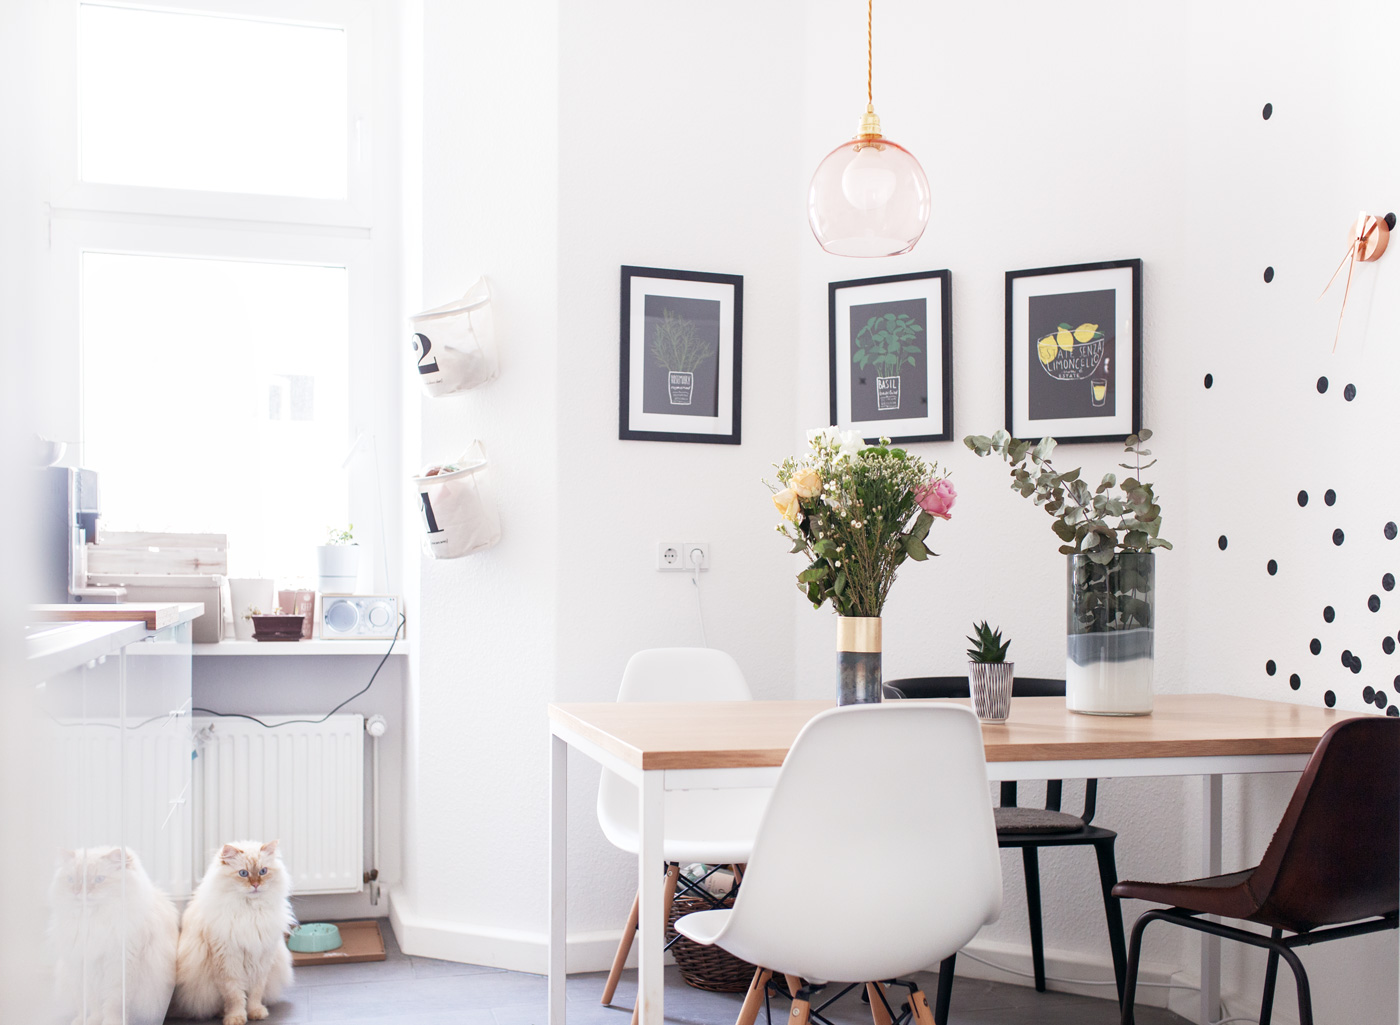 unsere k che einrichten dekorieren aufbauen wohlf hlen. Black Bedroom Furniture Sets. Home Design Ideas